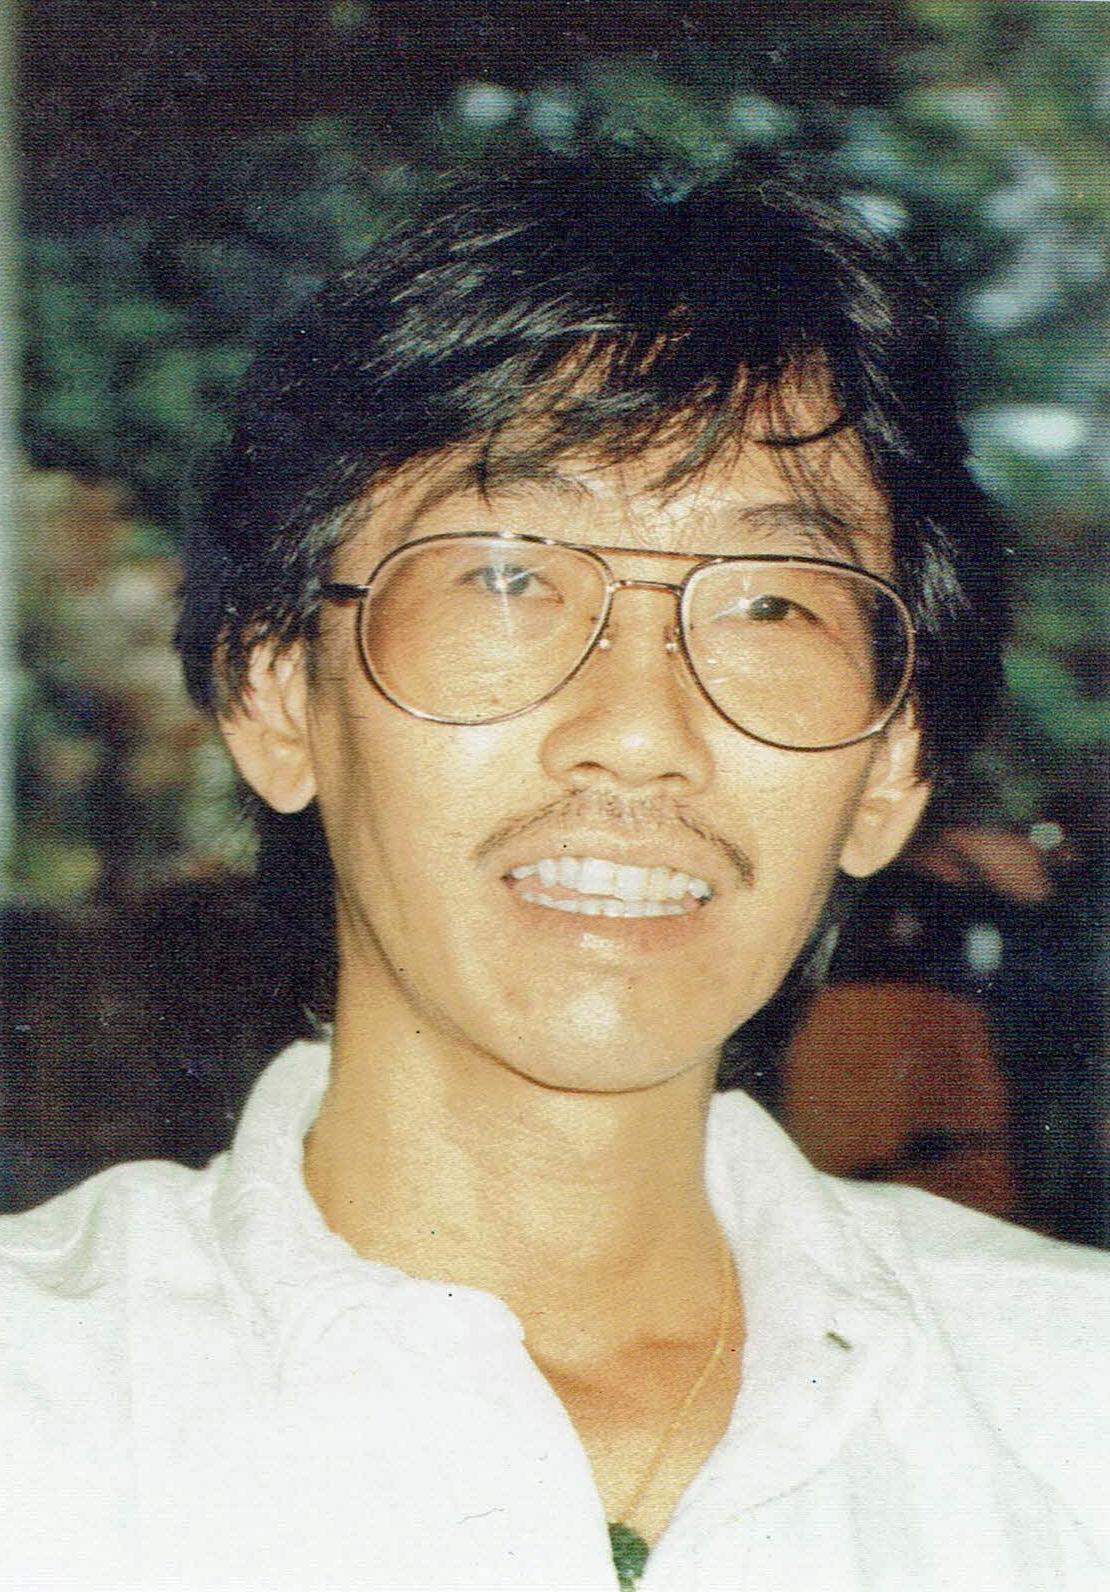 David Lim Chee Kong